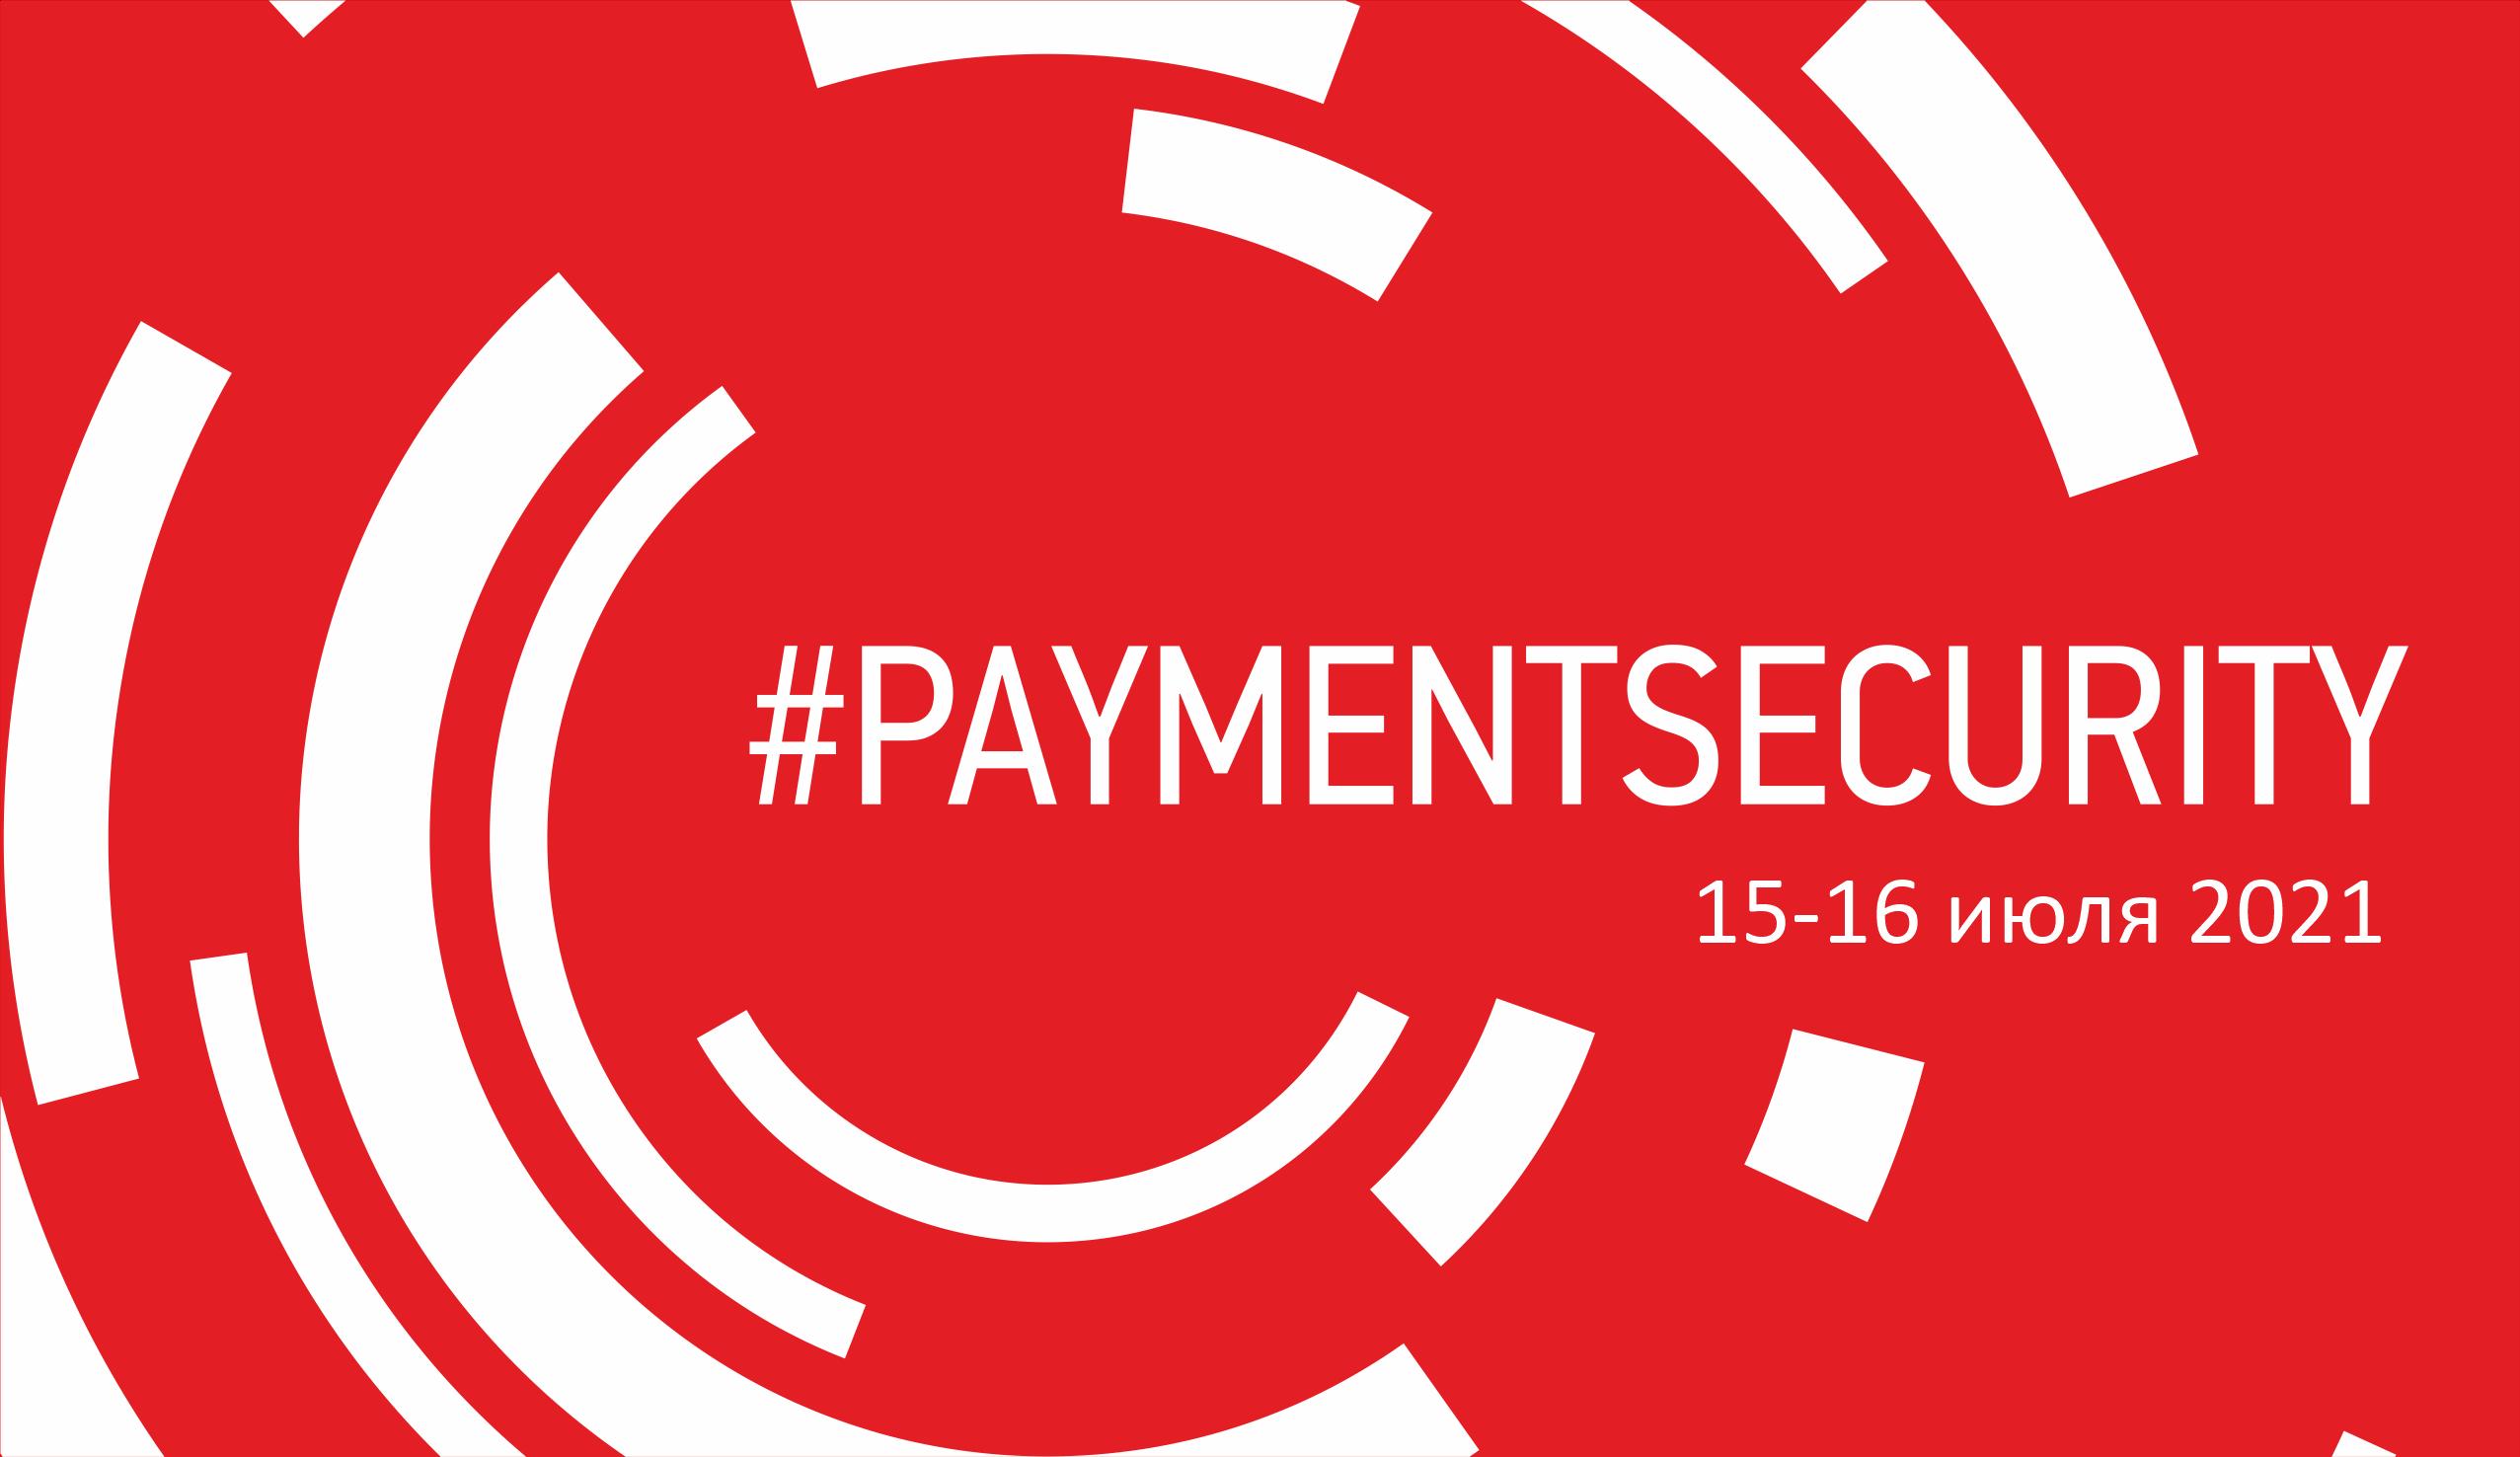 Международная конференция по безопасности платежей #PAYMENTSECURITY